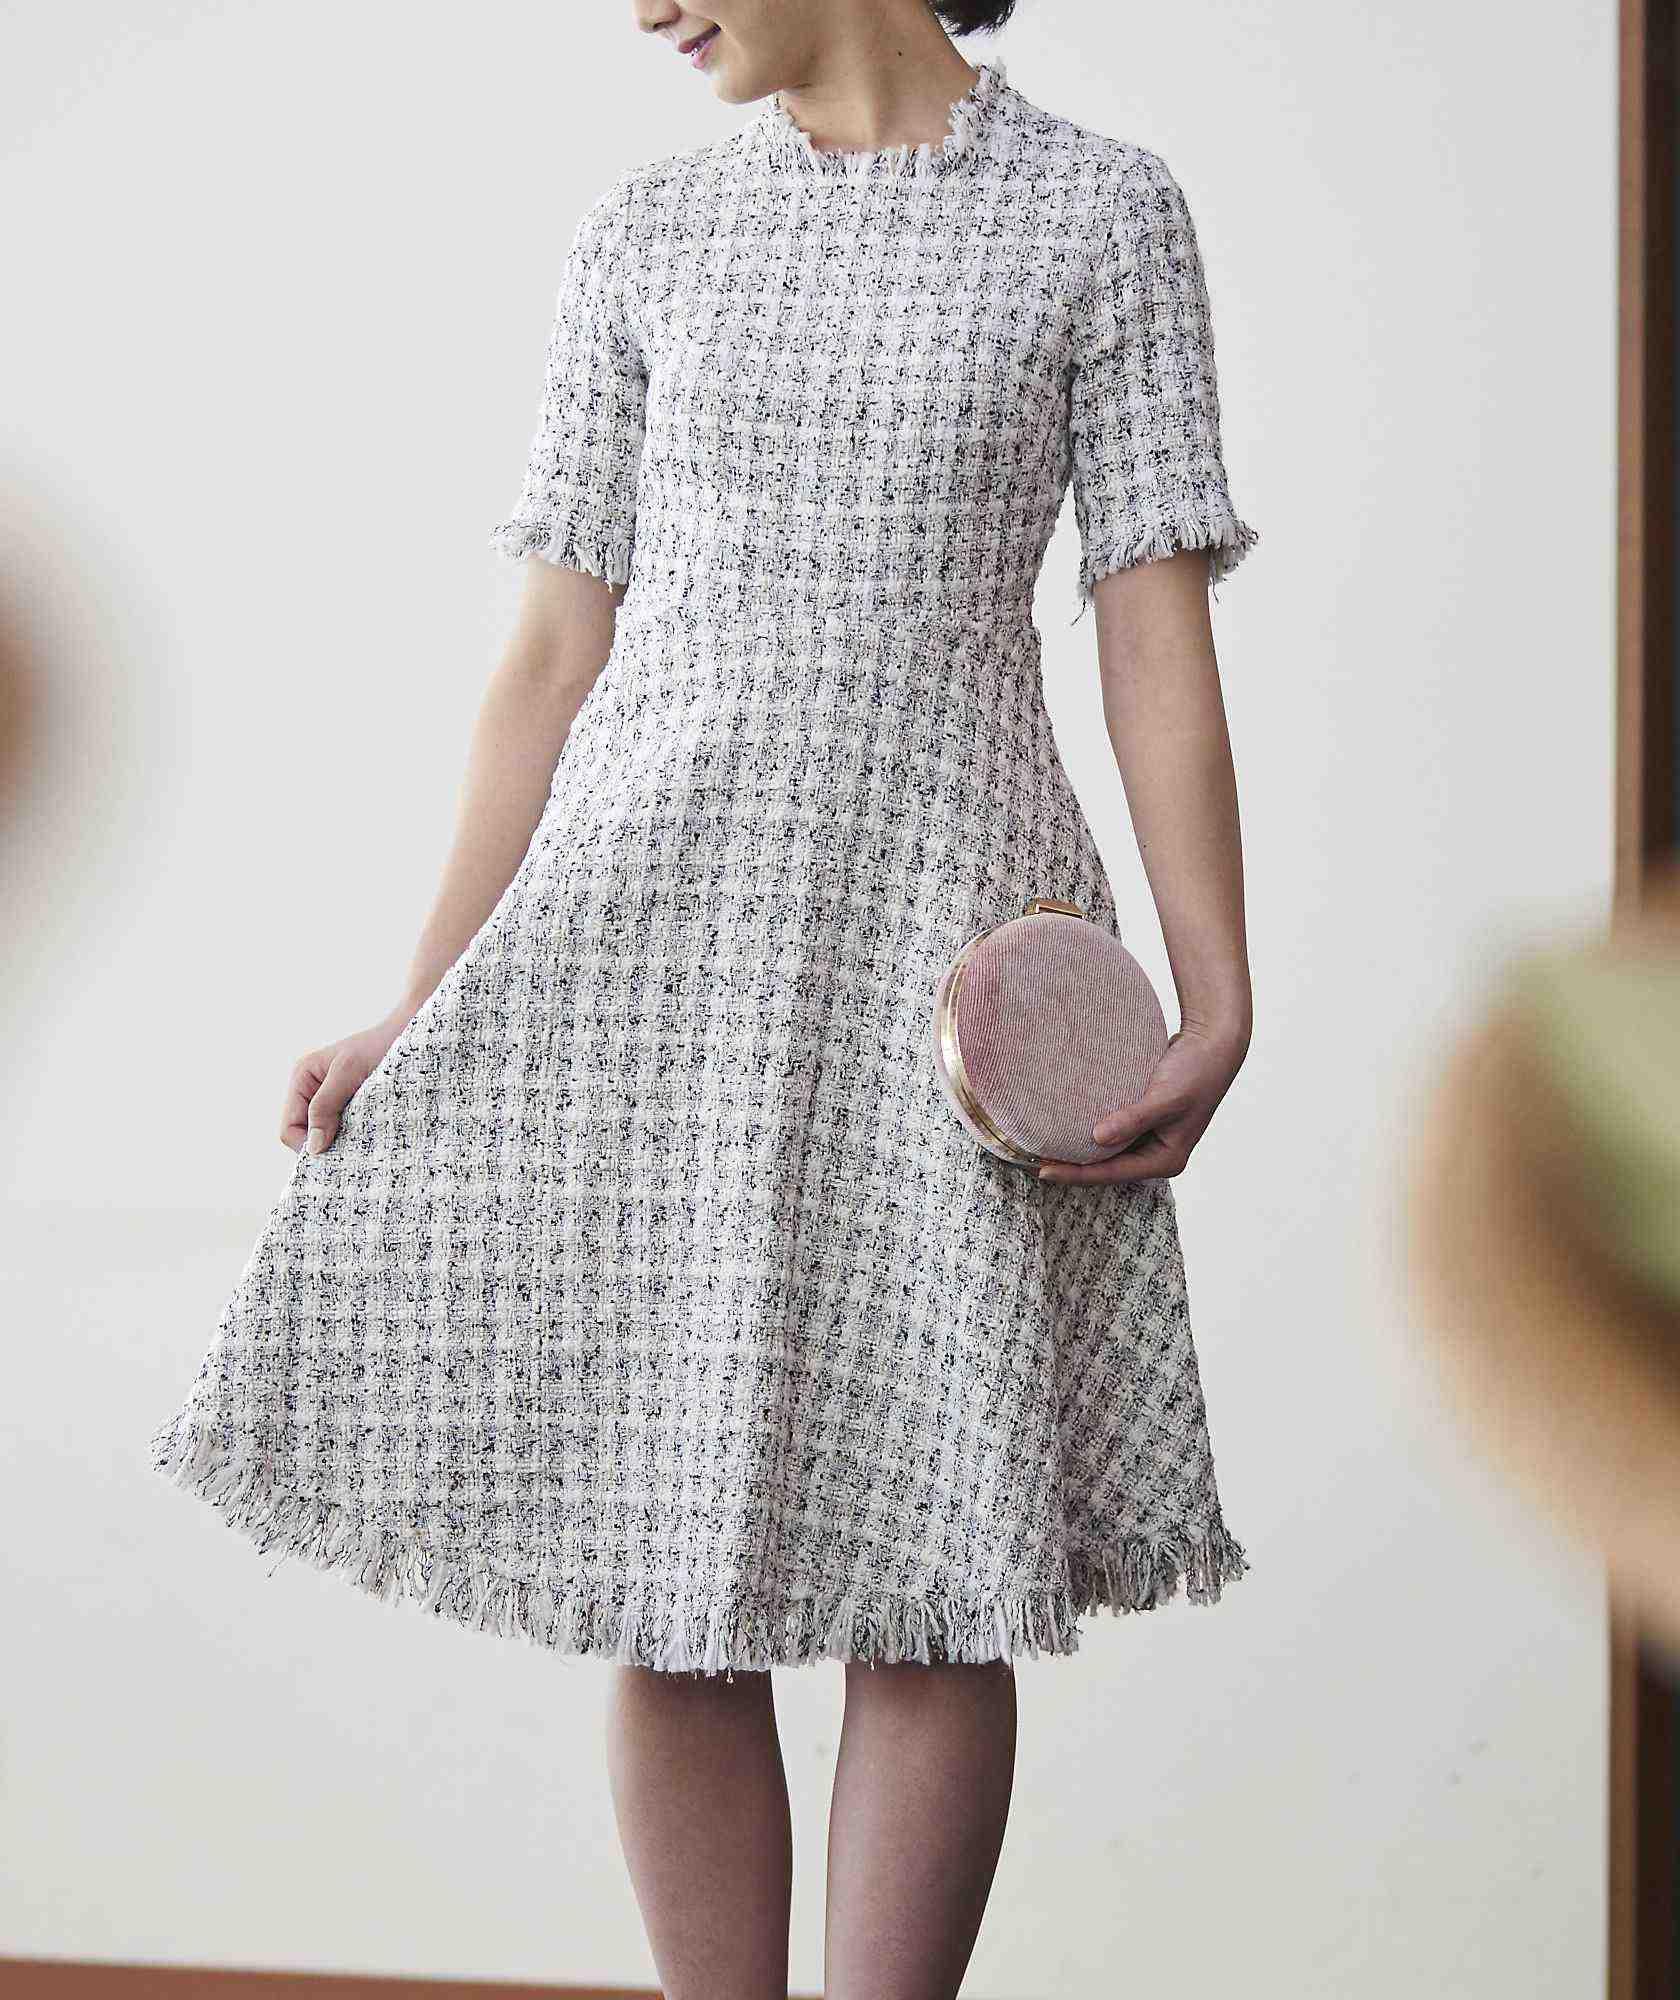 ツイードAラインフレアミディアムドレス-ホワイト-S